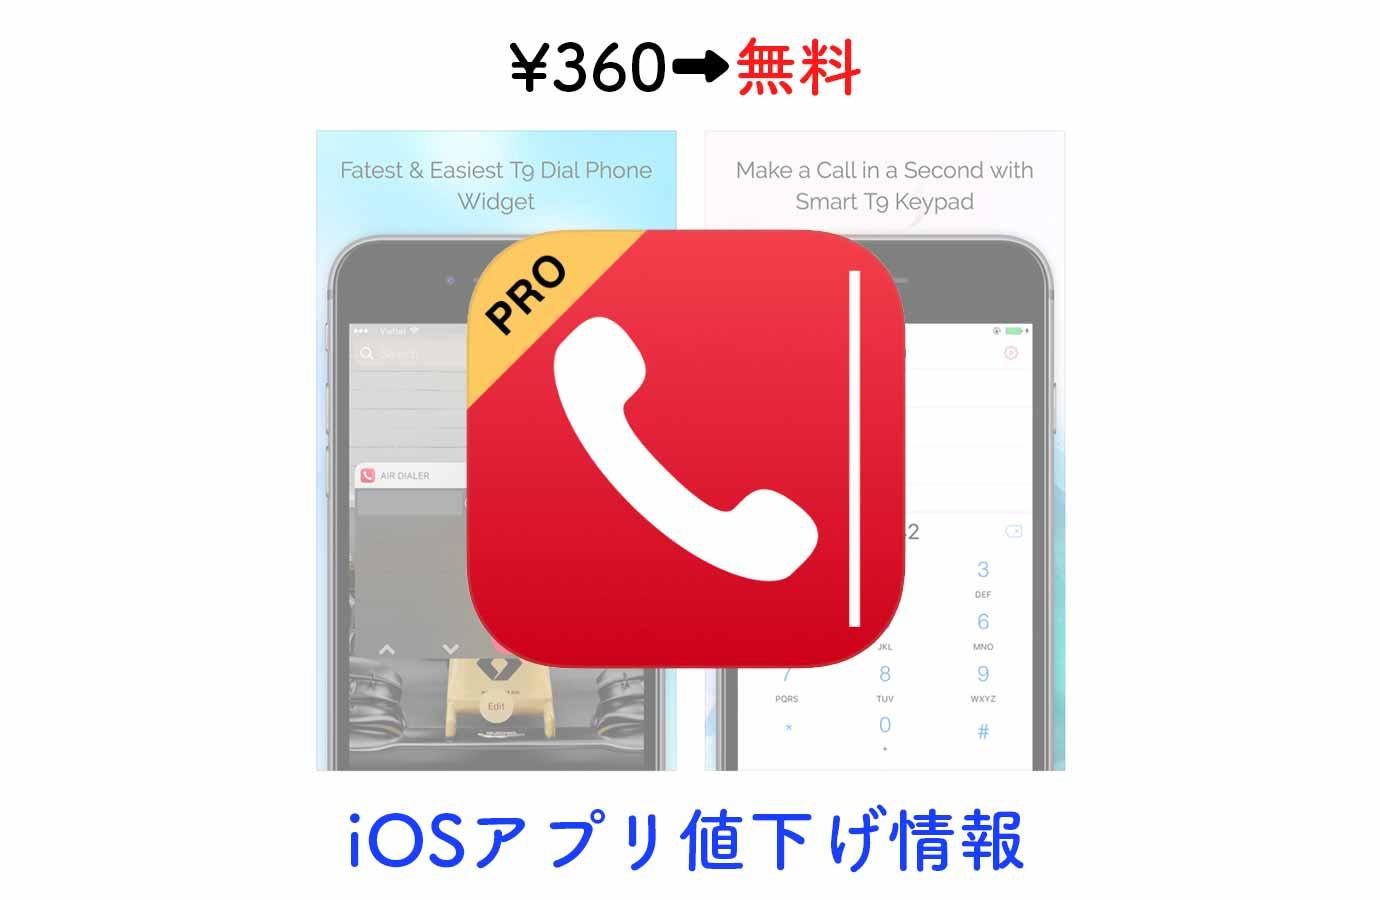 360円→無料、ウィジェットから電話がかけられるアプリ「Air Dialer Pro」など【7/15】本日の無料・値下げアプリ情報